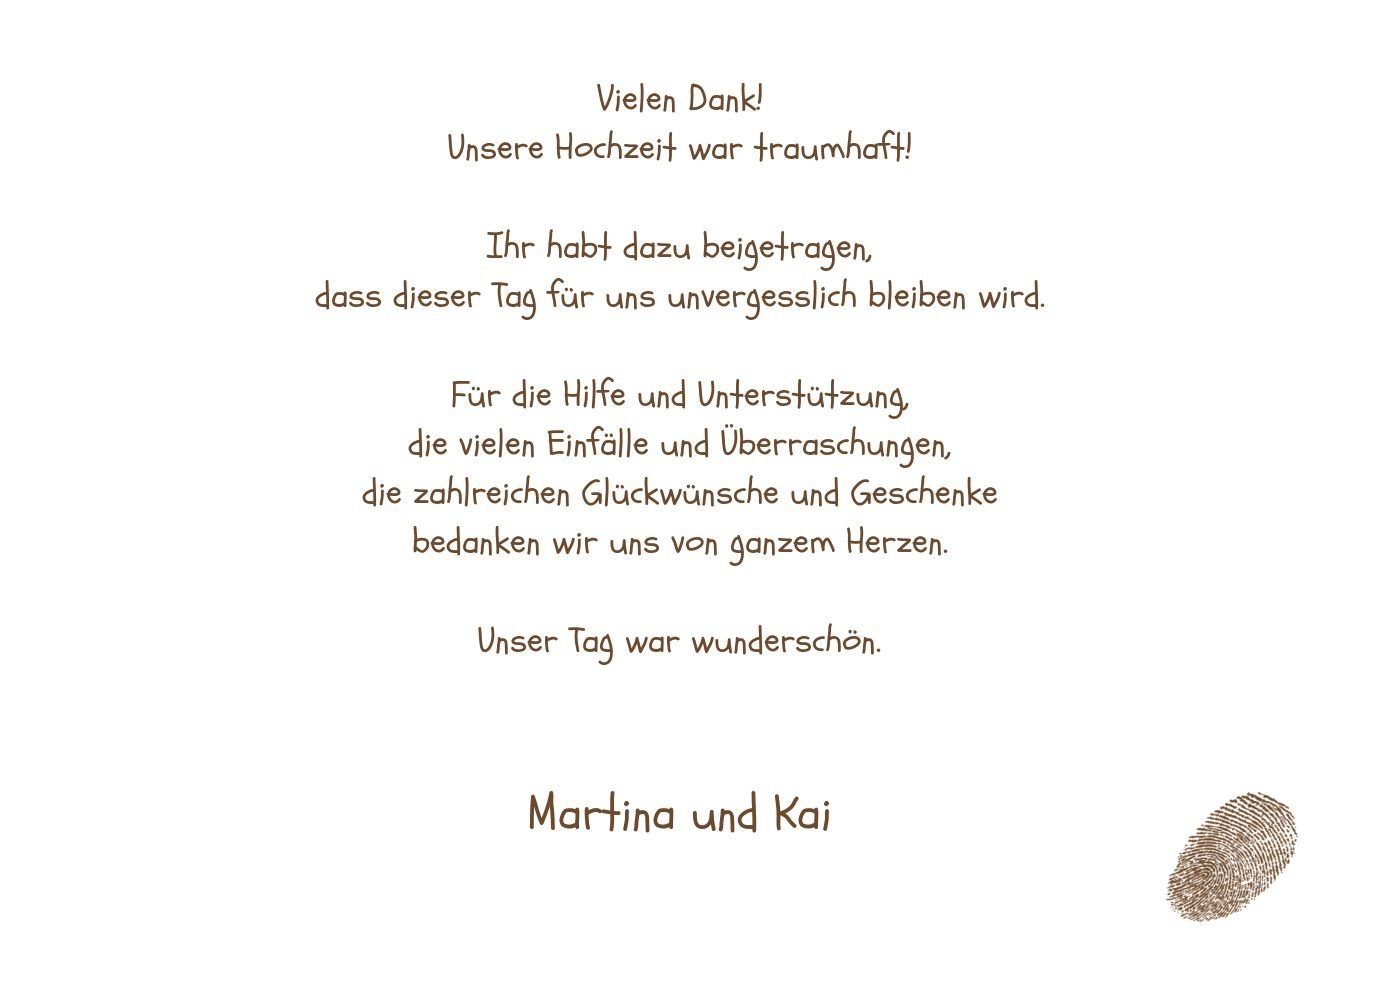 Kartenparadies Danksagung für Hochzeitsgeschenke Hochzeit Dankeskarte fingerprint, hochwertige hochwertige hochwertige Danksagungskarte Hochzeitsglückwünsche inklusive Umschläge   20 Karten - (Format  148x105 mm) Farbe  Grau B01N36BGH1 | Perfekt In Verarbeitu 7dca84